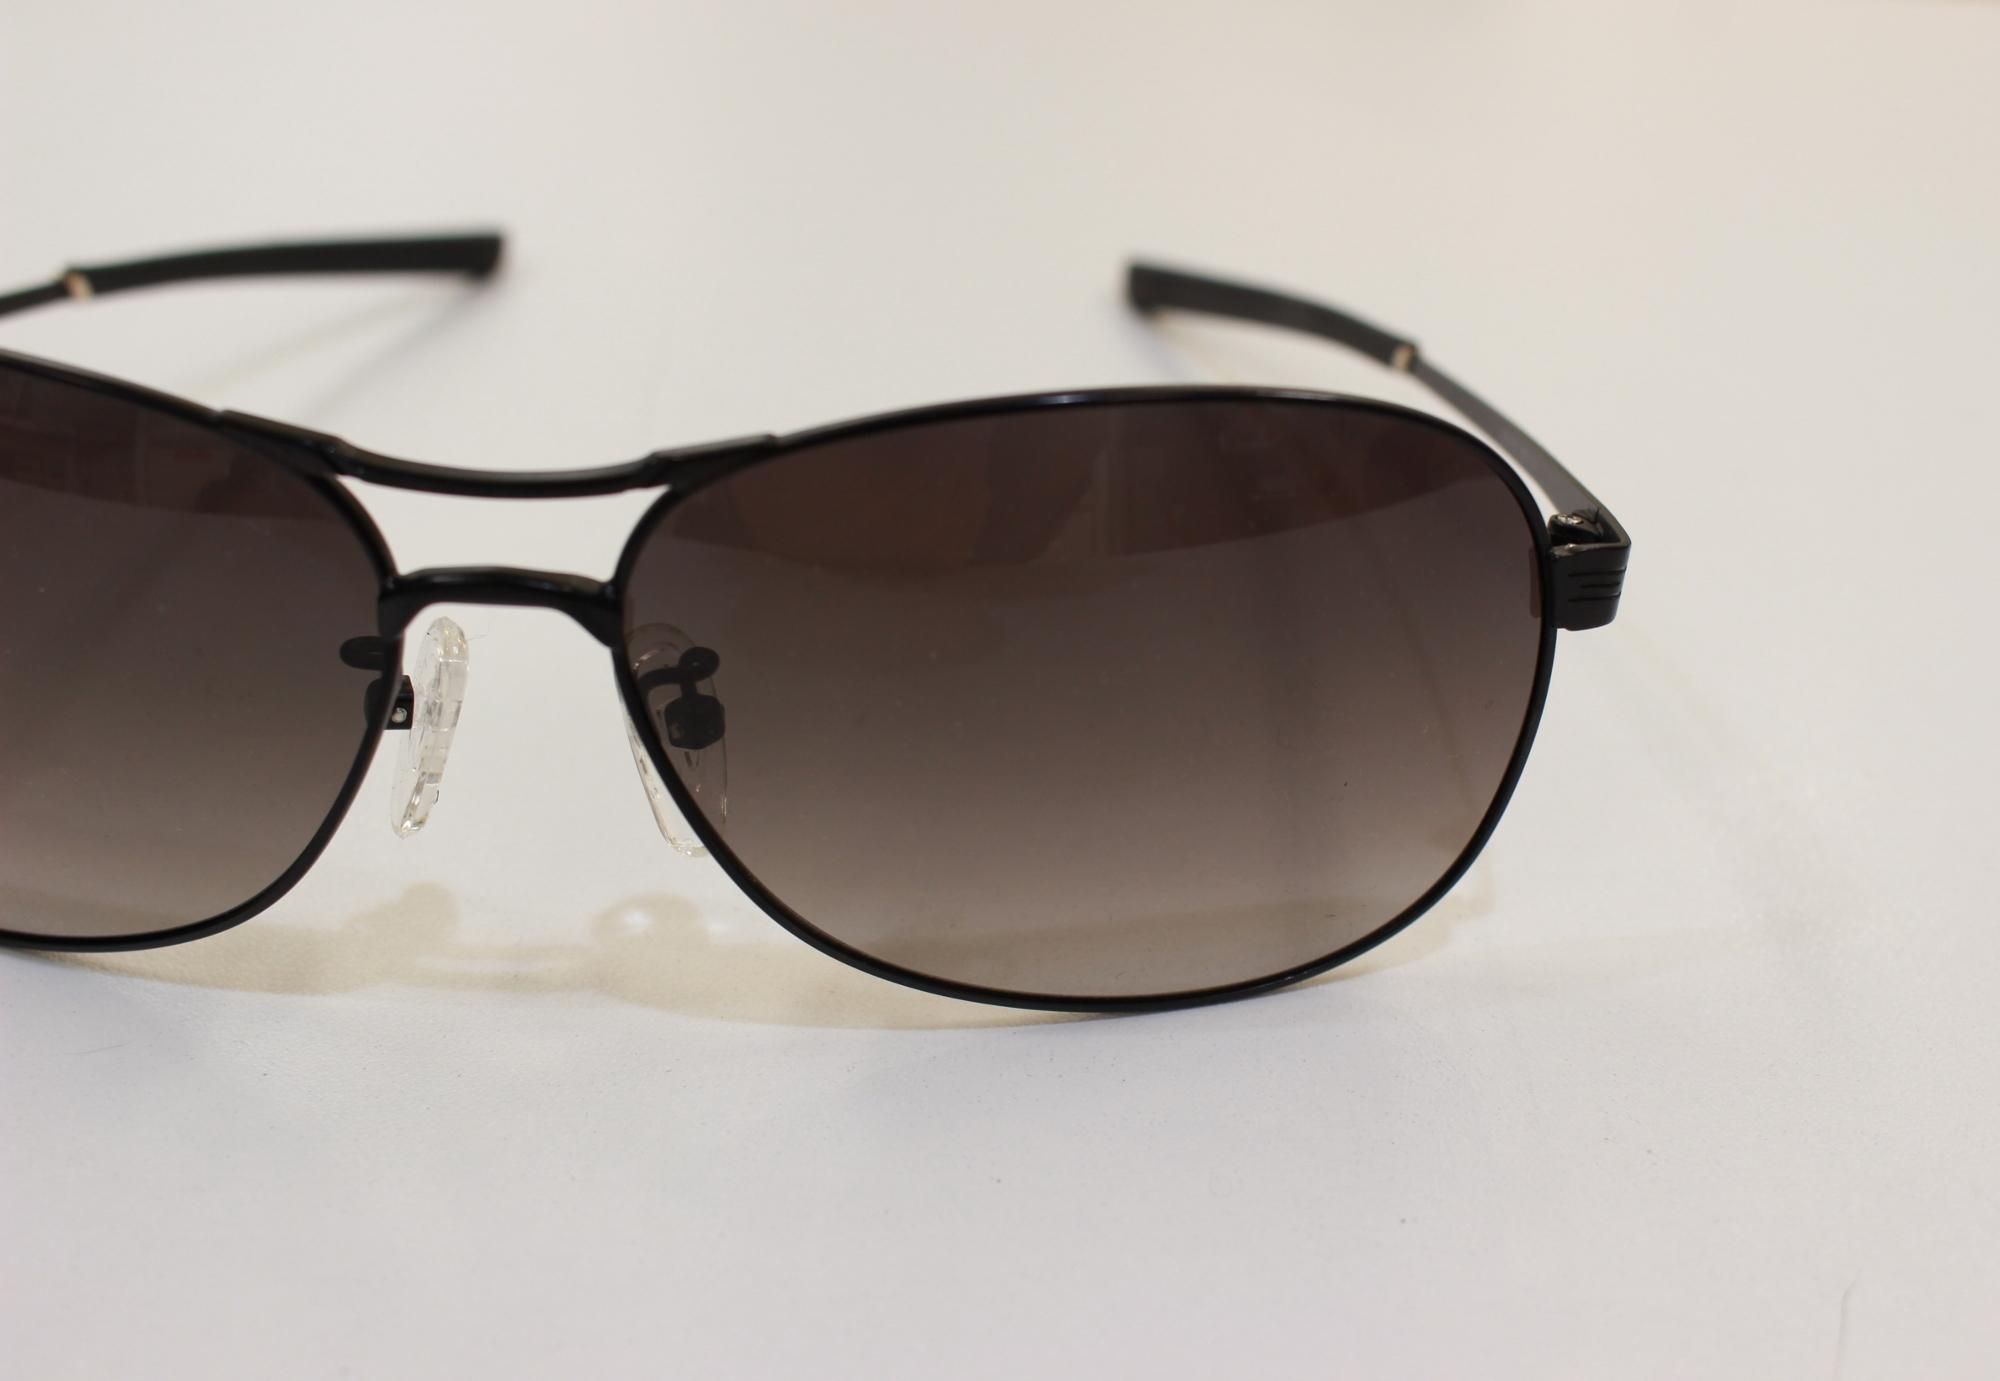 武蔵野市 眼鏡 BUNNY WALK BW-0154 BW-0155 サングラス 偏光